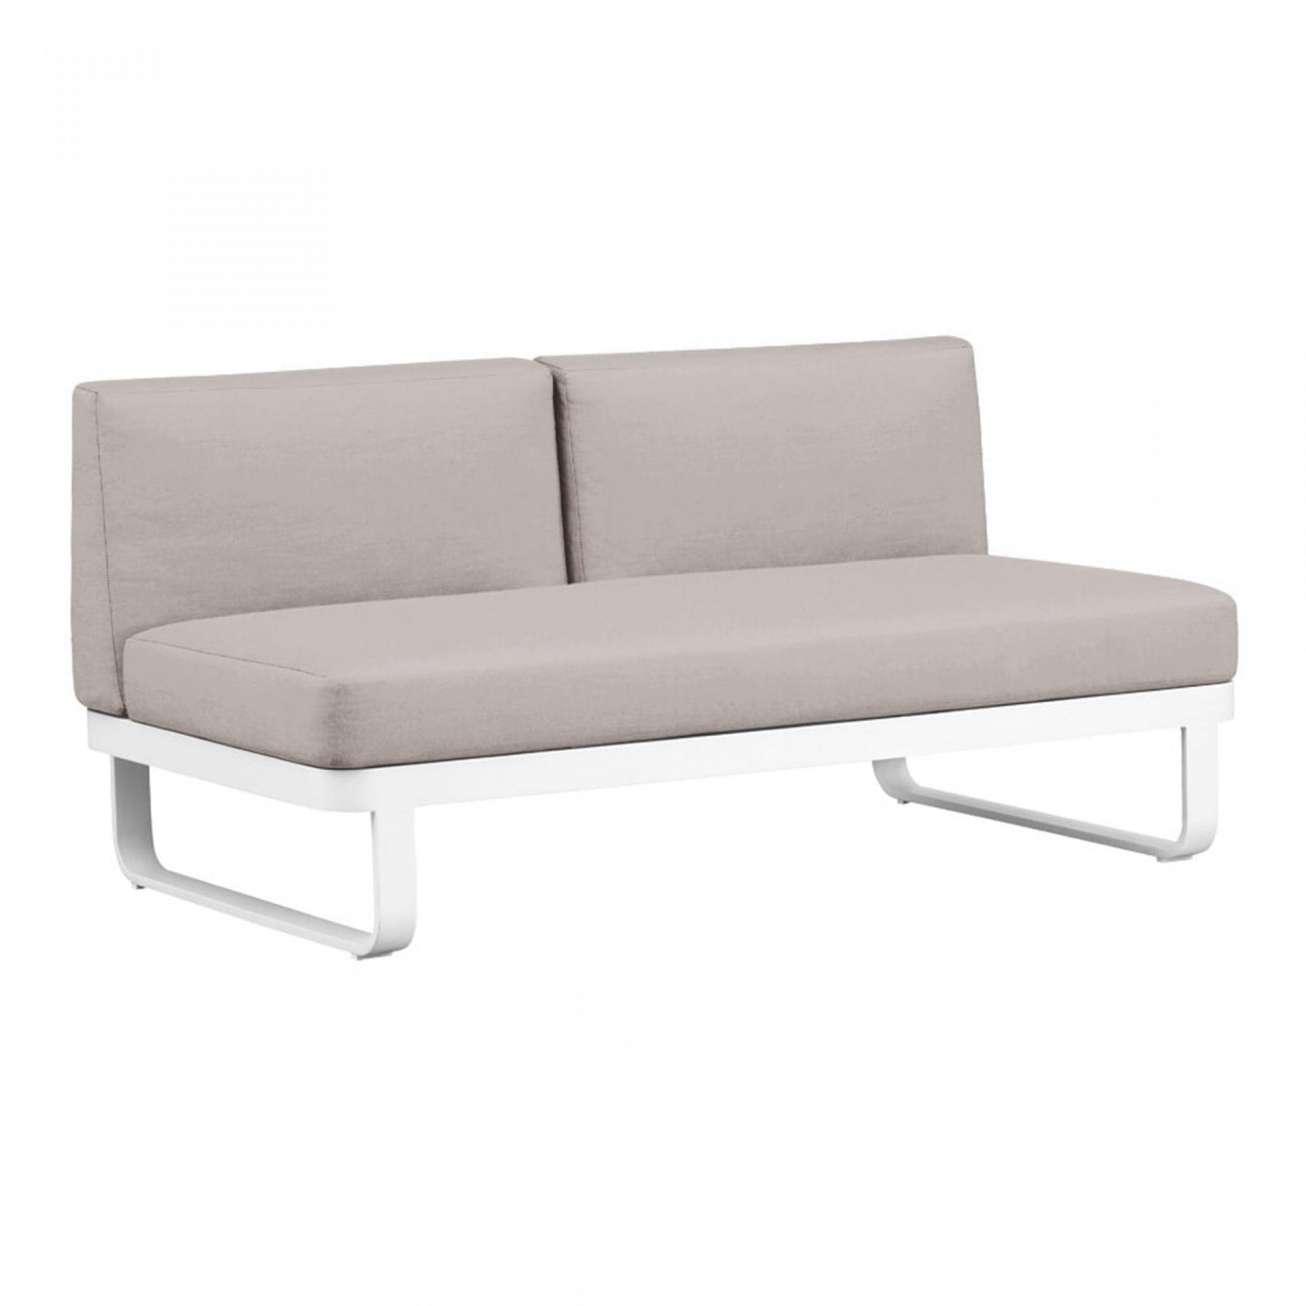 Moderne sofa toseter uten armelene i hvit og grå